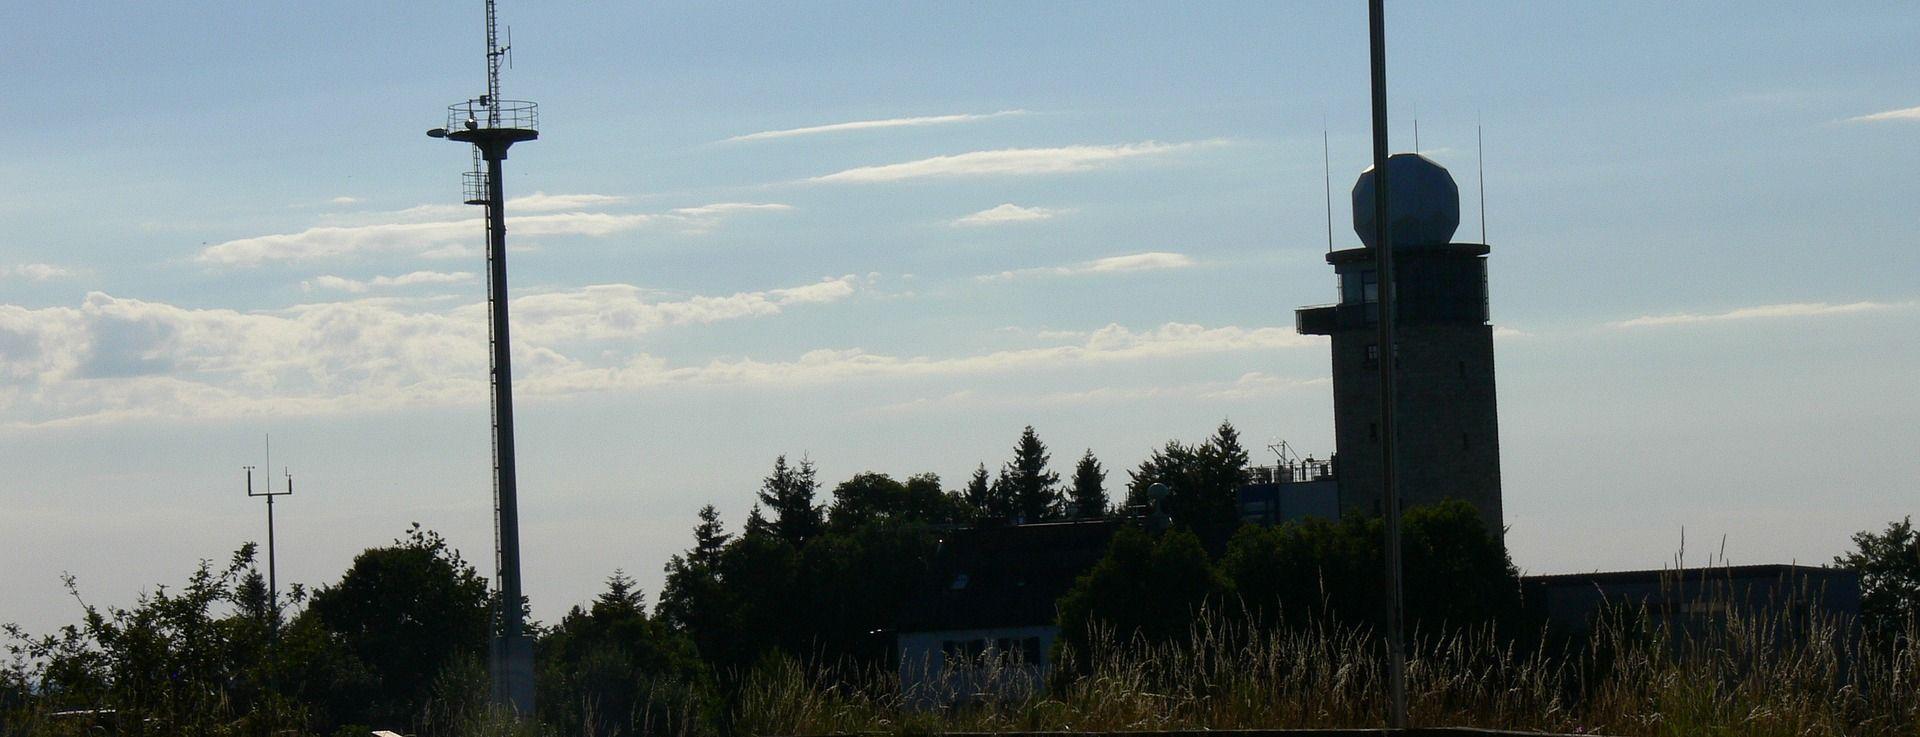 Lokalci pobjesnili zbog novog radara, vrijeđali meteorologe